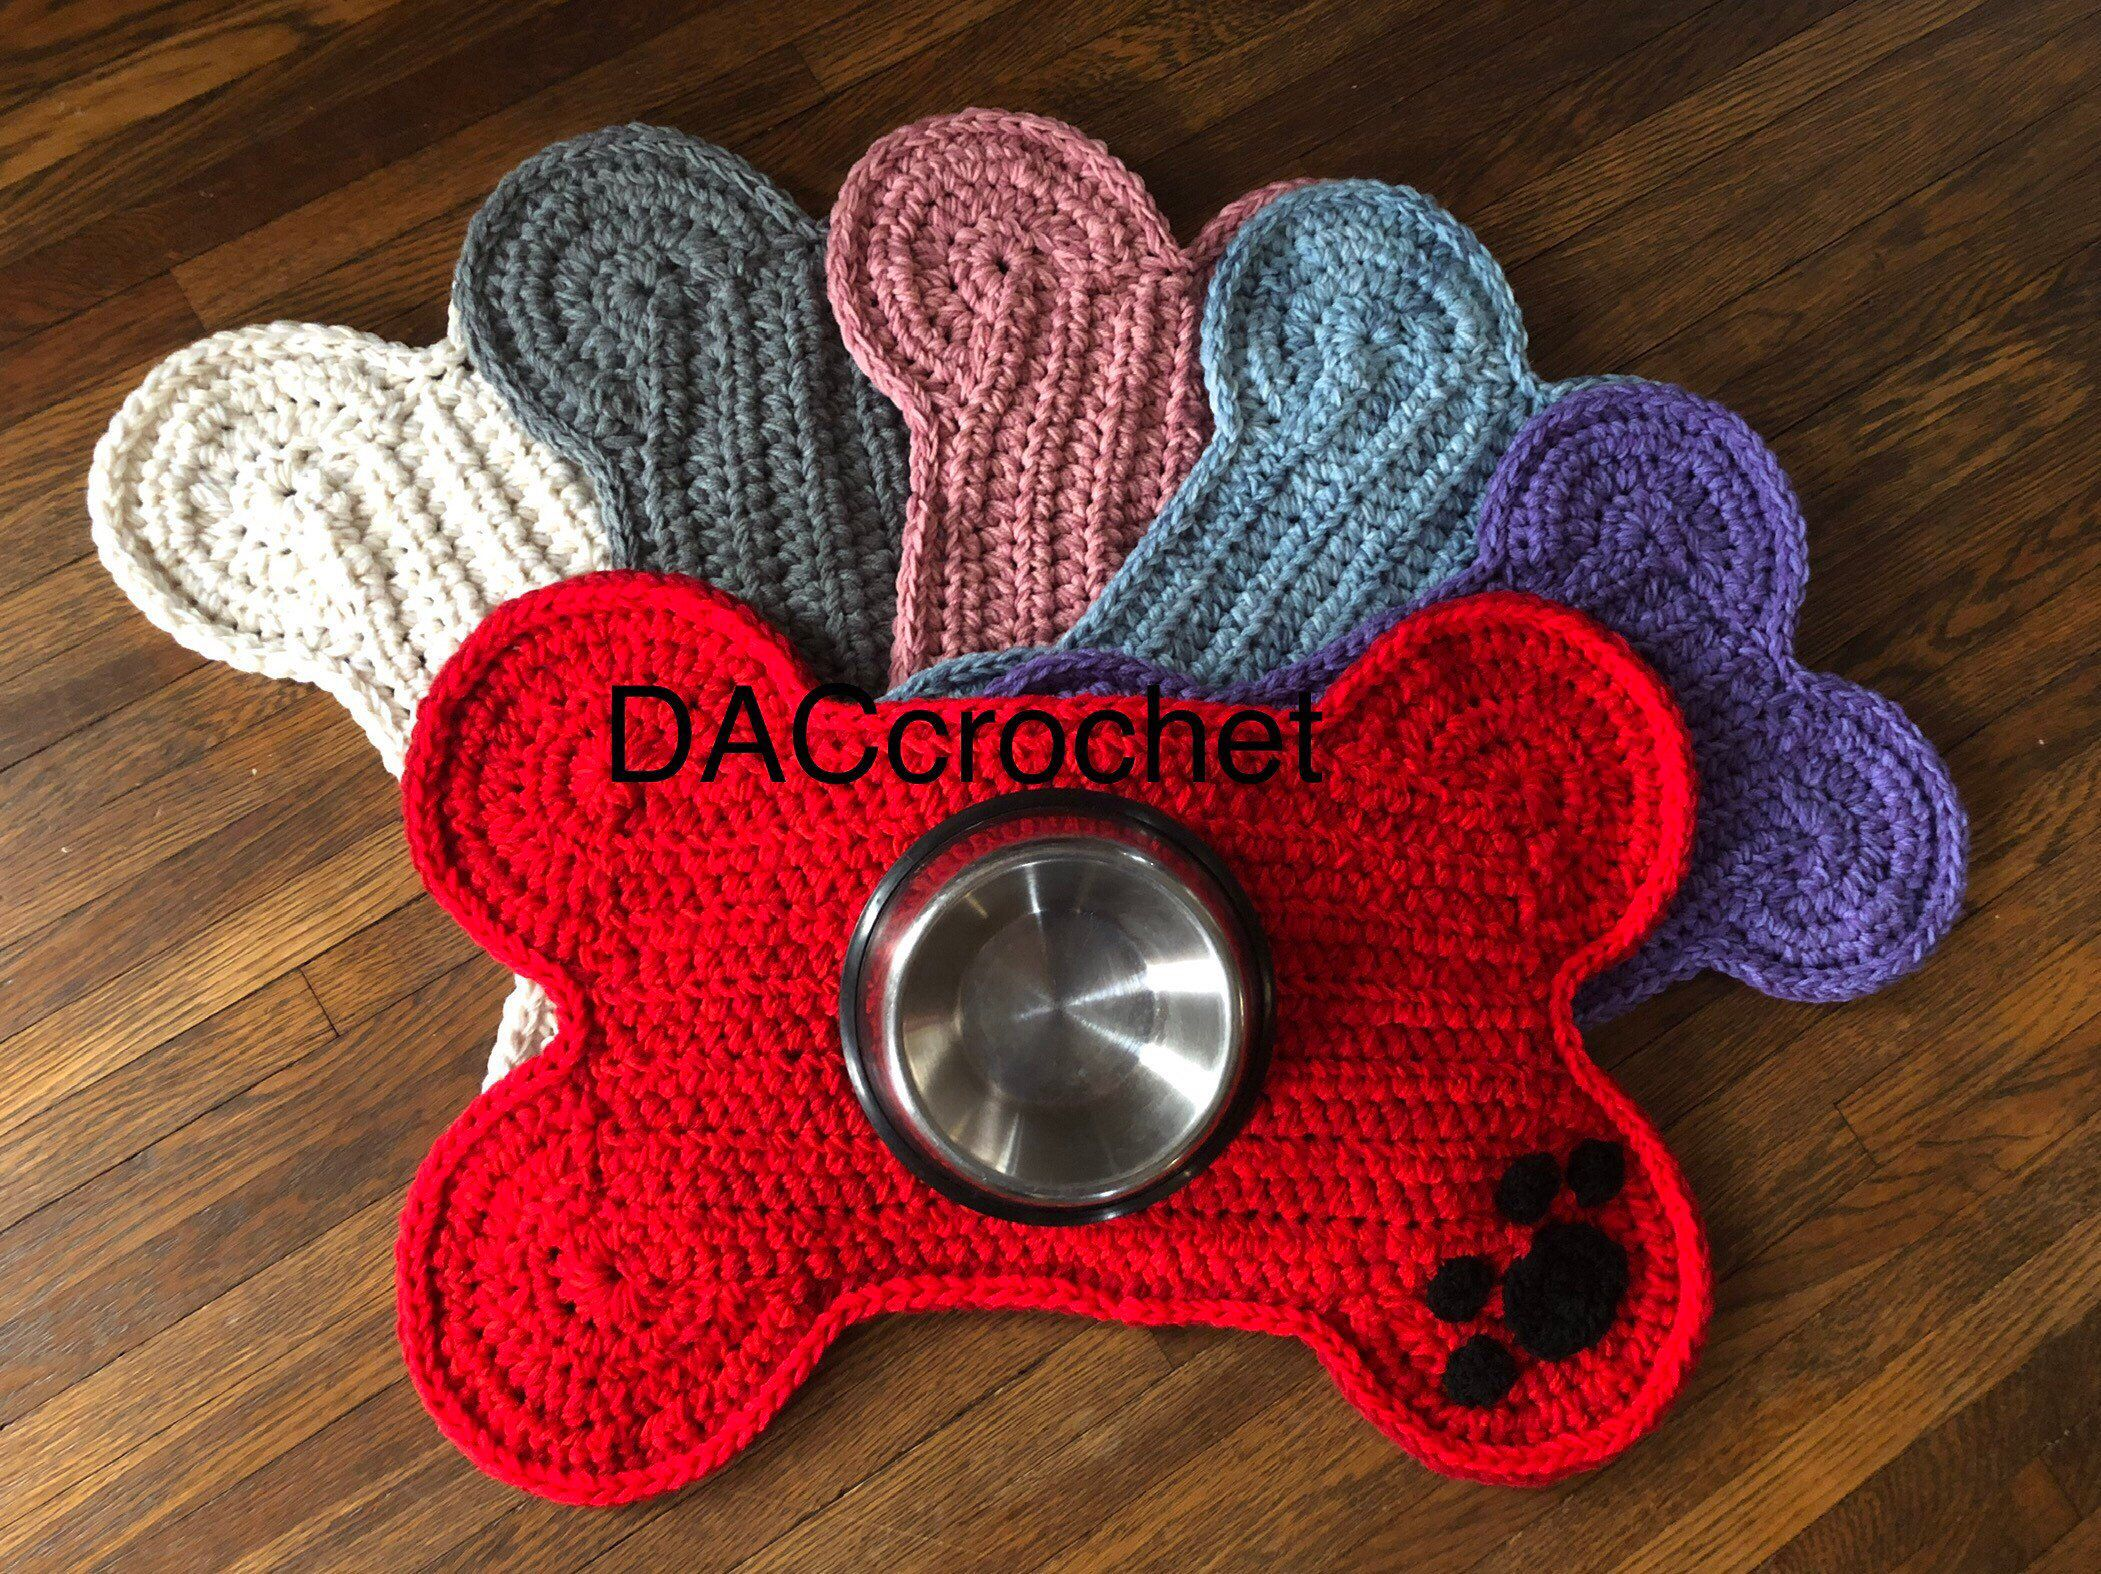 Crocheted Dog PlacematRug